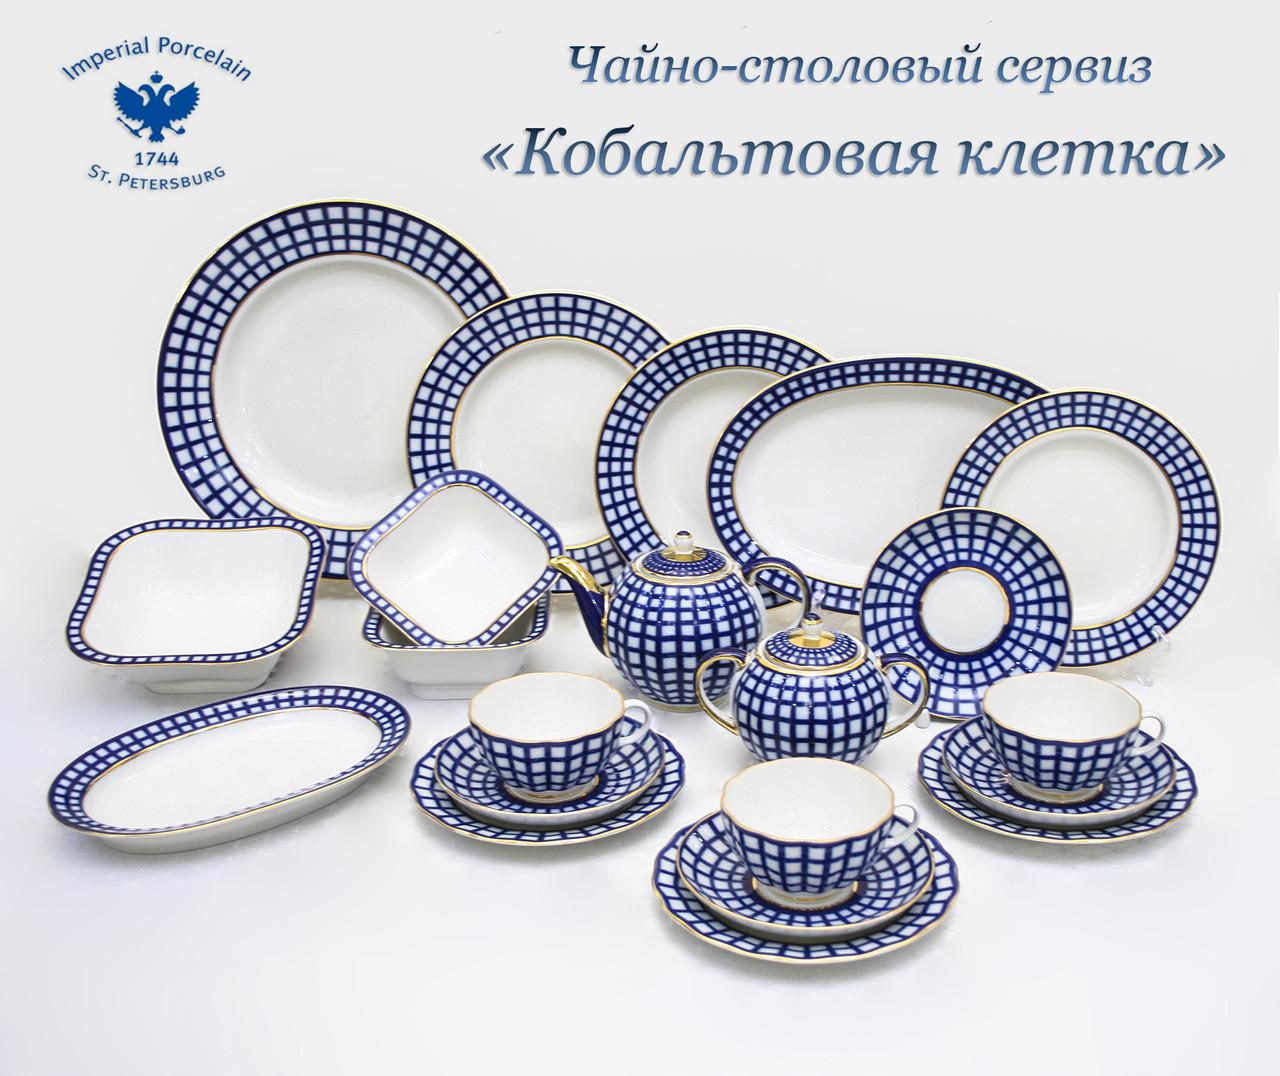 Чайно-столовый сервиз Кобальтовая клетка. Императорский фарфор, г.Санкт-Петербург